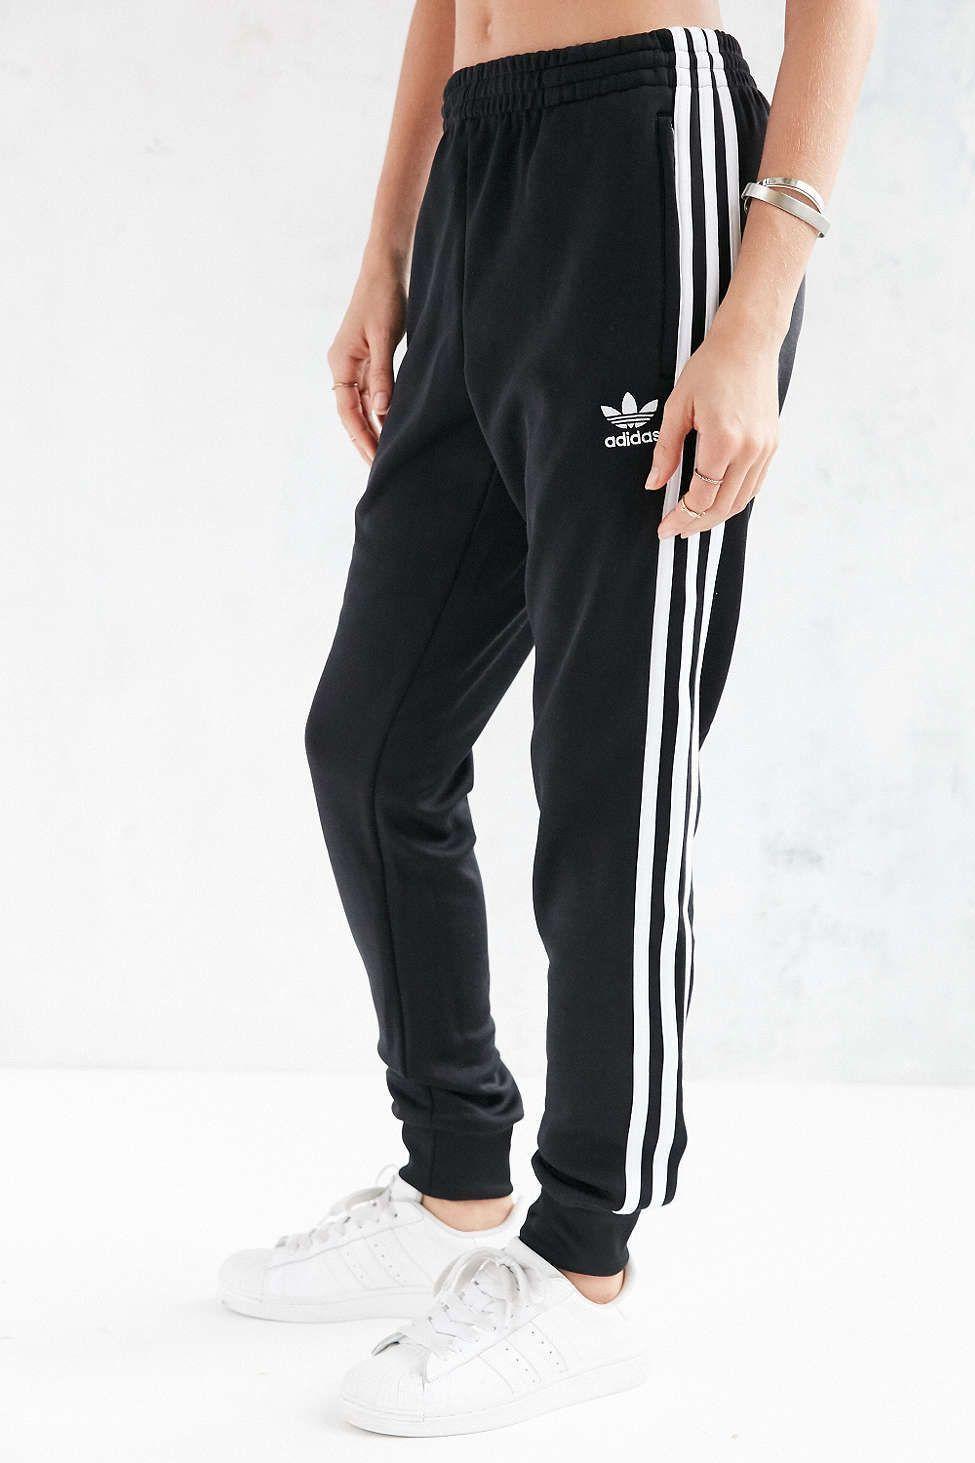 eda46b55562b adidas Originals Unisex Superstar Cuff Track Pant